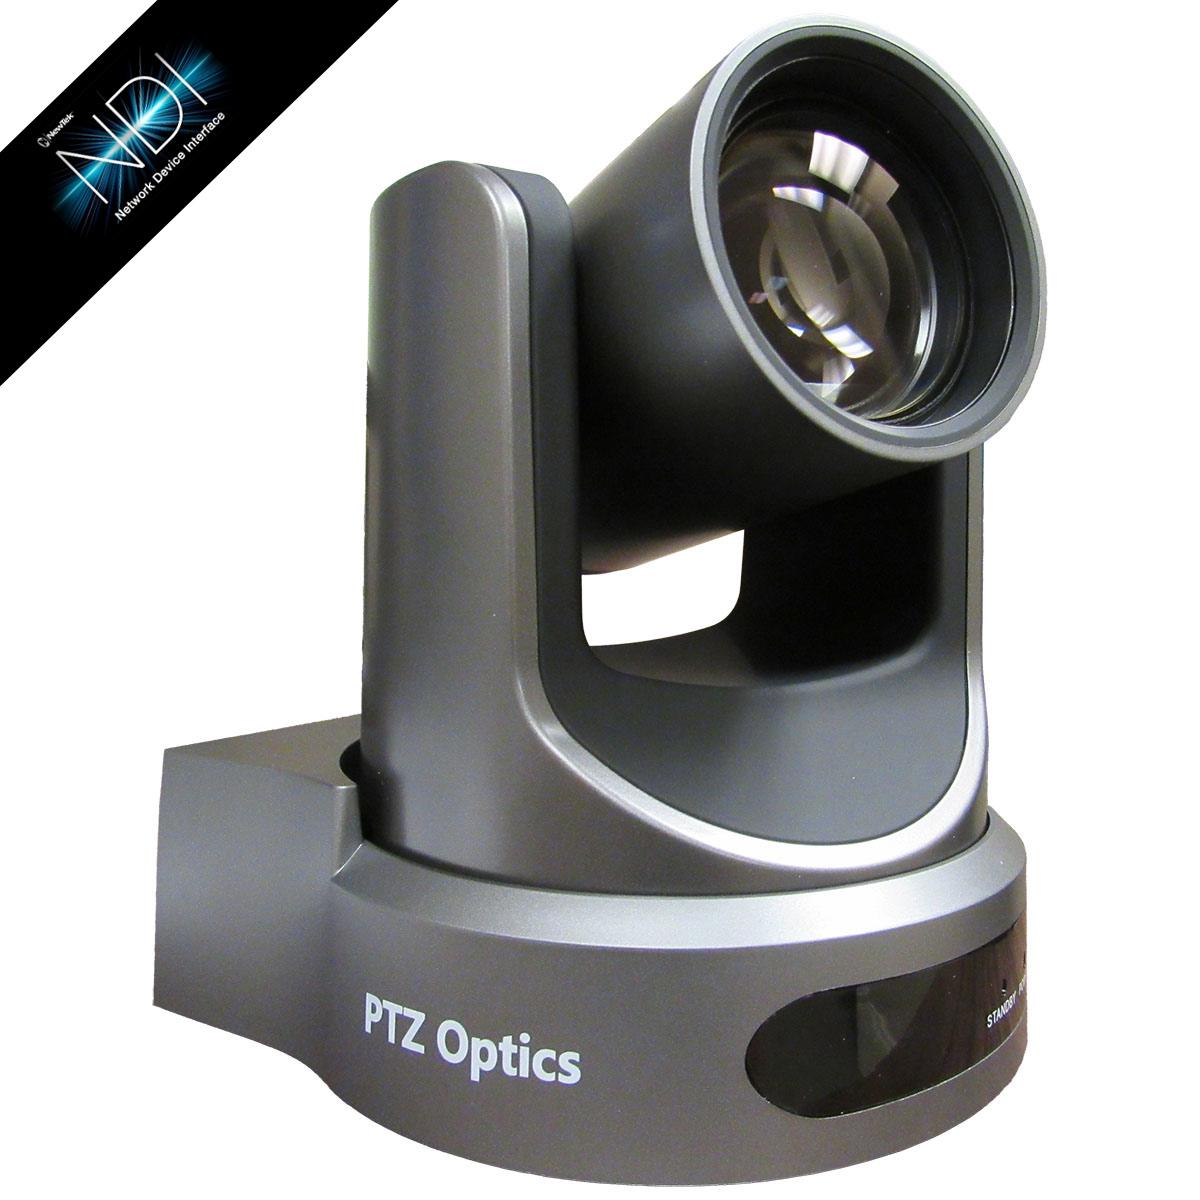 PTZ Optics Camera NDI